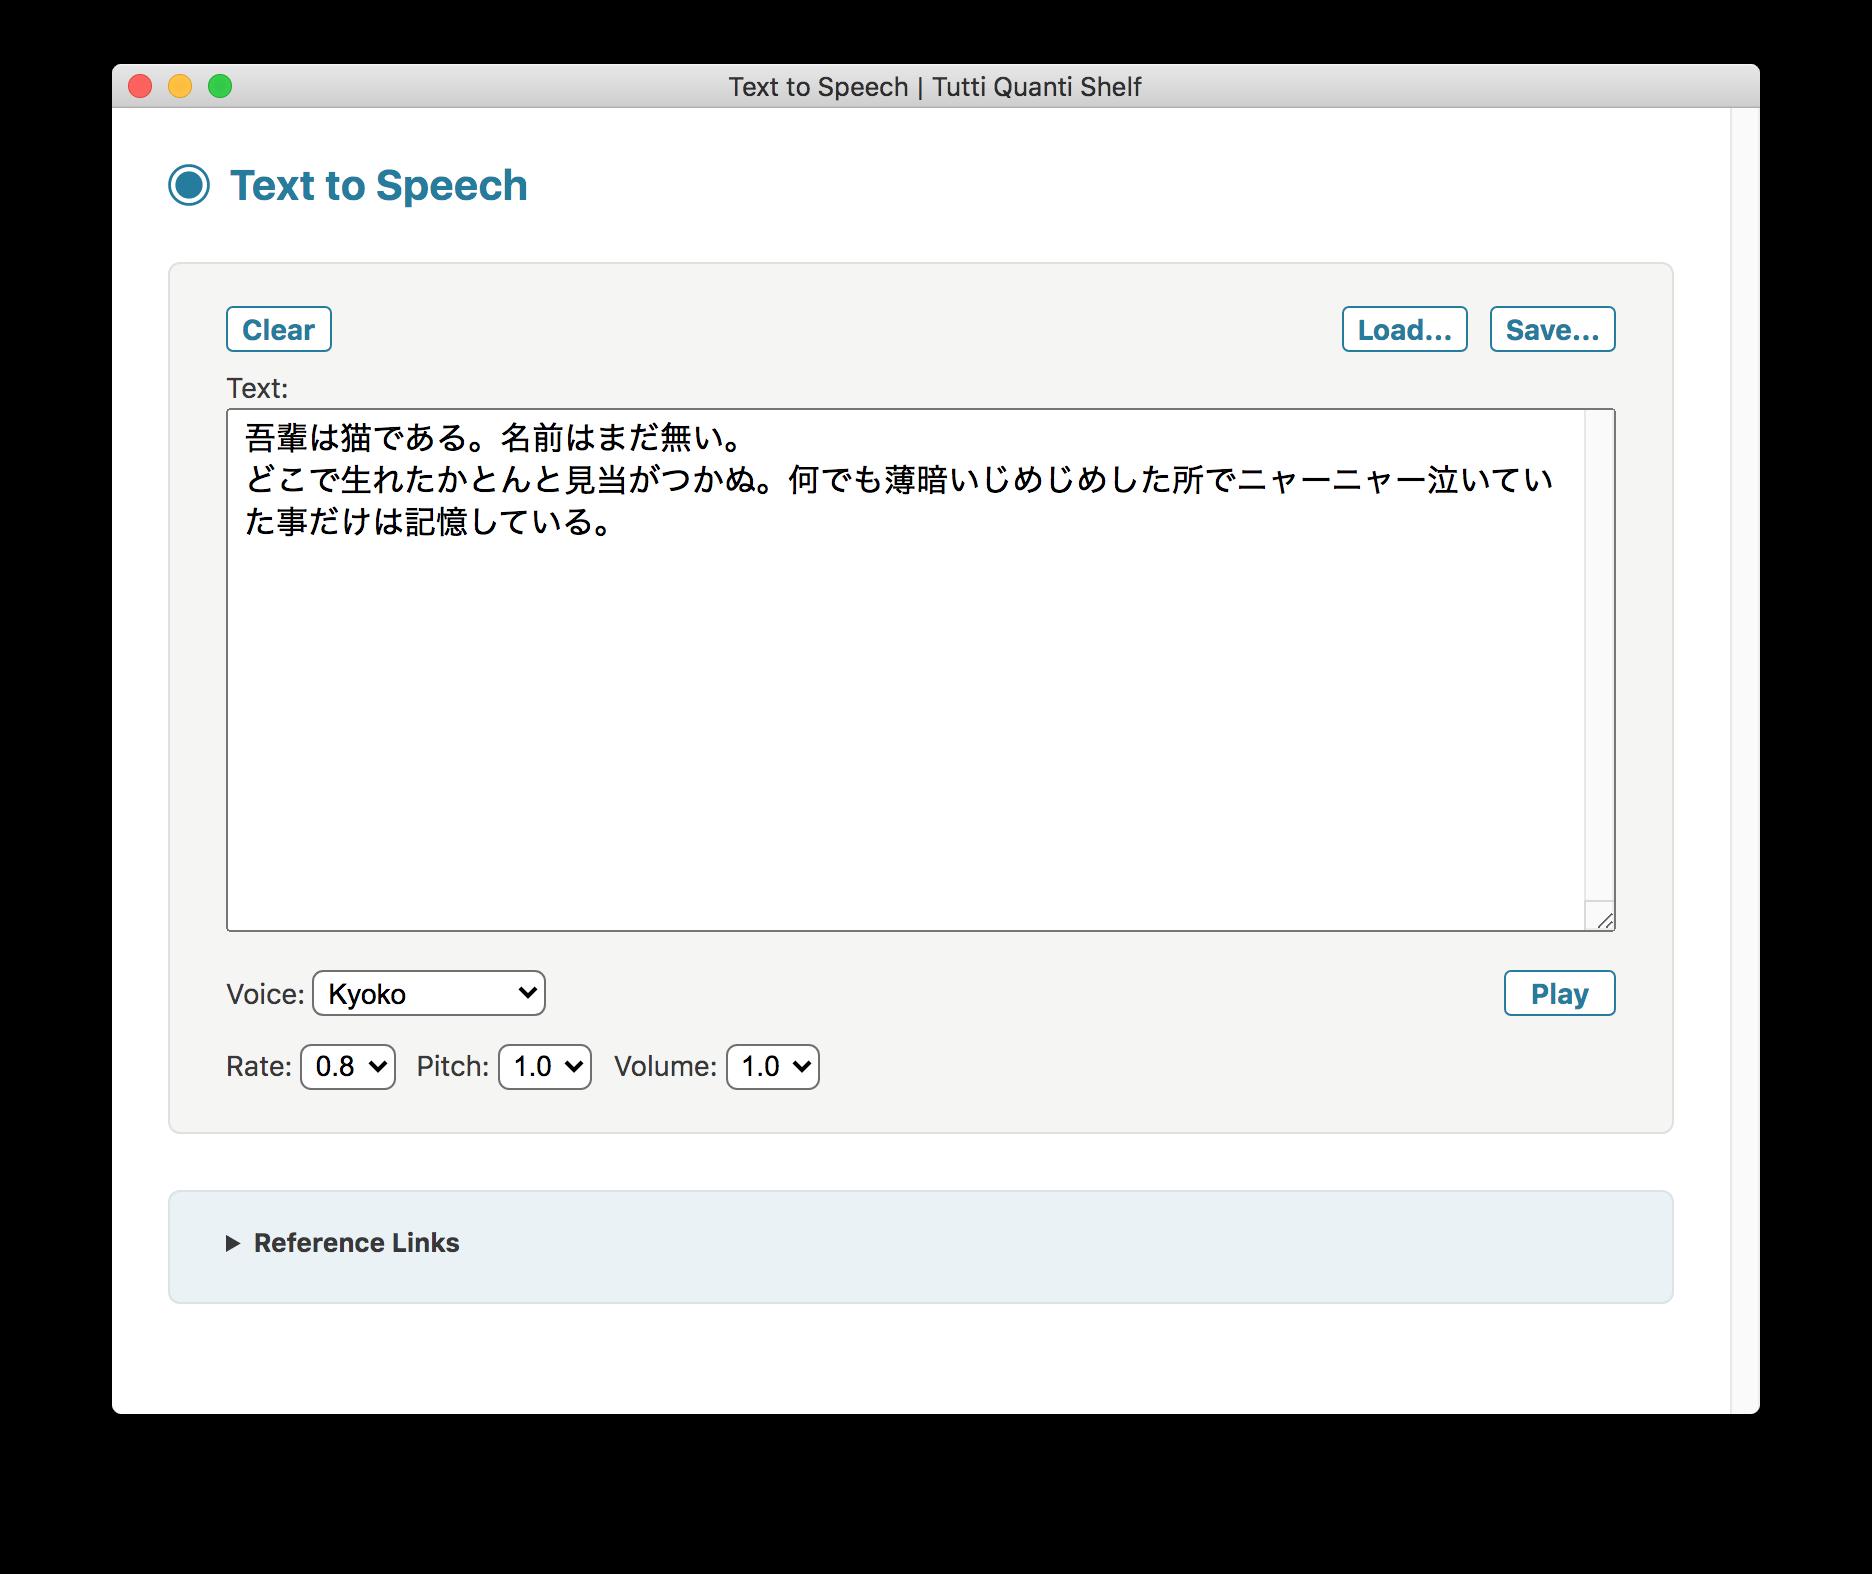 Text to Speech screenshot